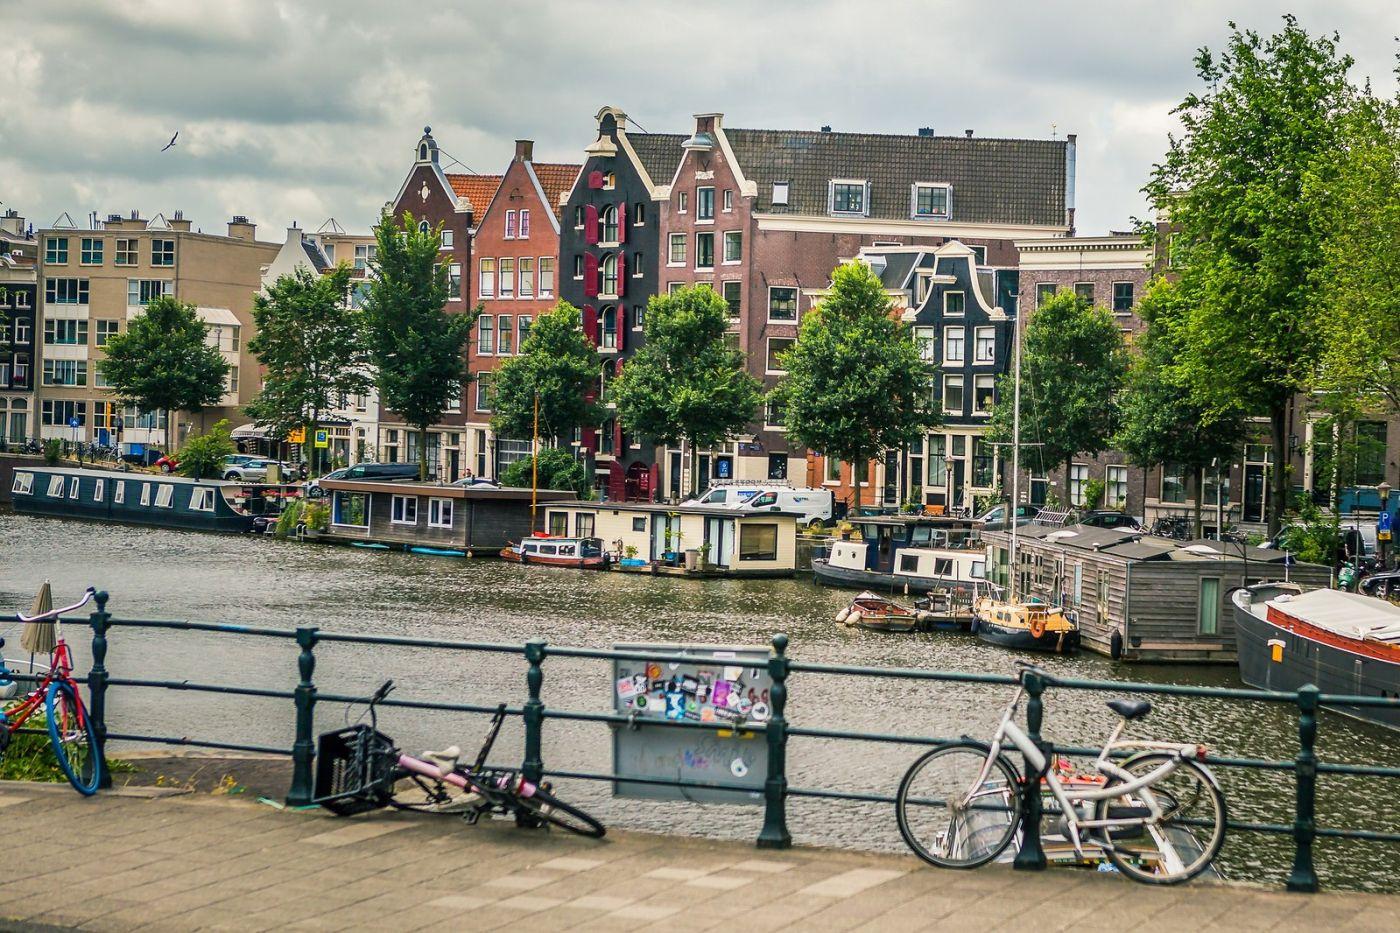 荷兰阿姆斯特丹,穿梭的自行车_图1-22